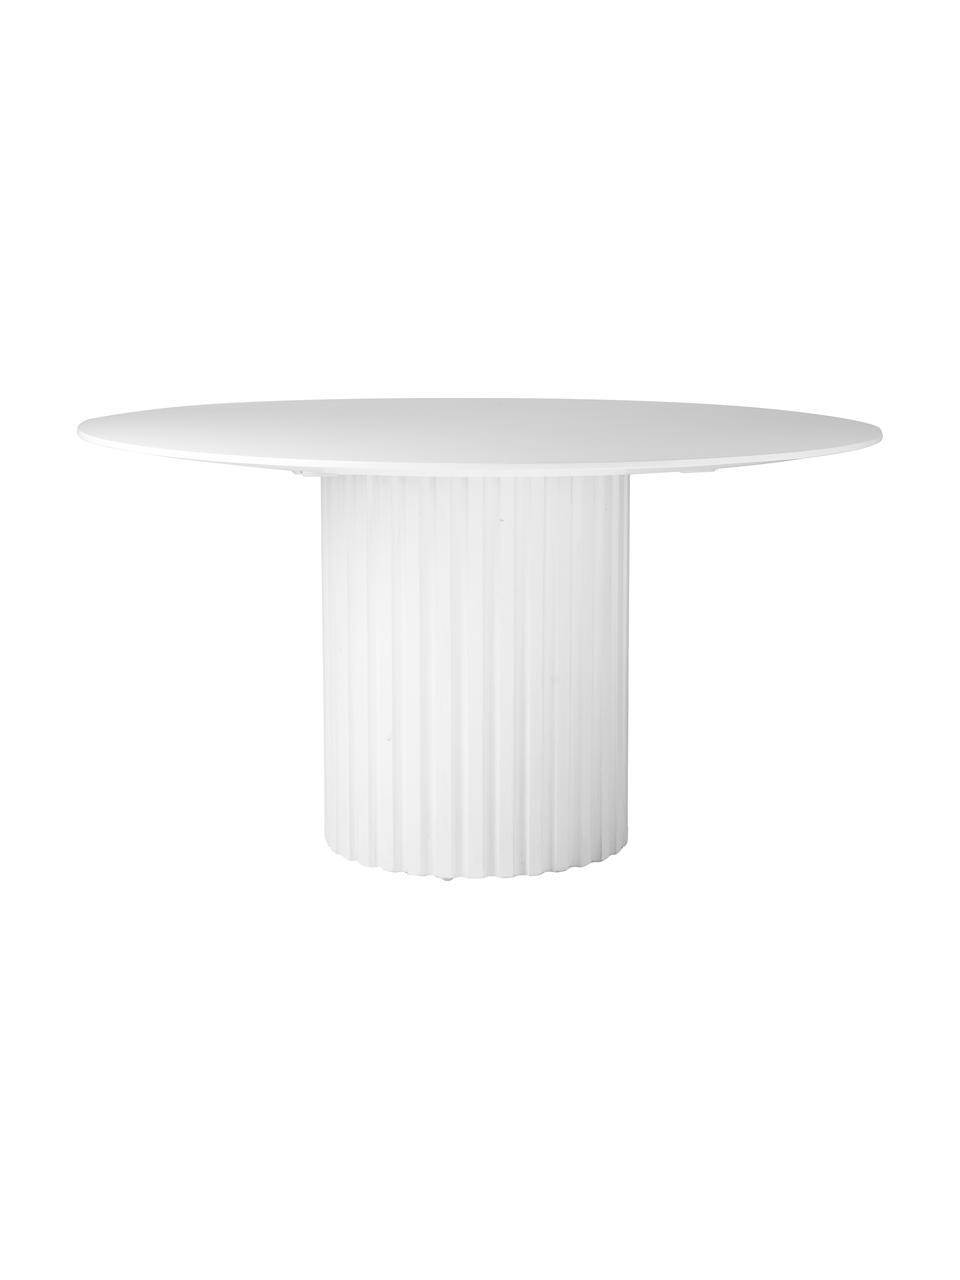 Ronde eettafel Pillar in wit, Sungkai-hout, MDF, Wit, Ø 140 x H 75 cm